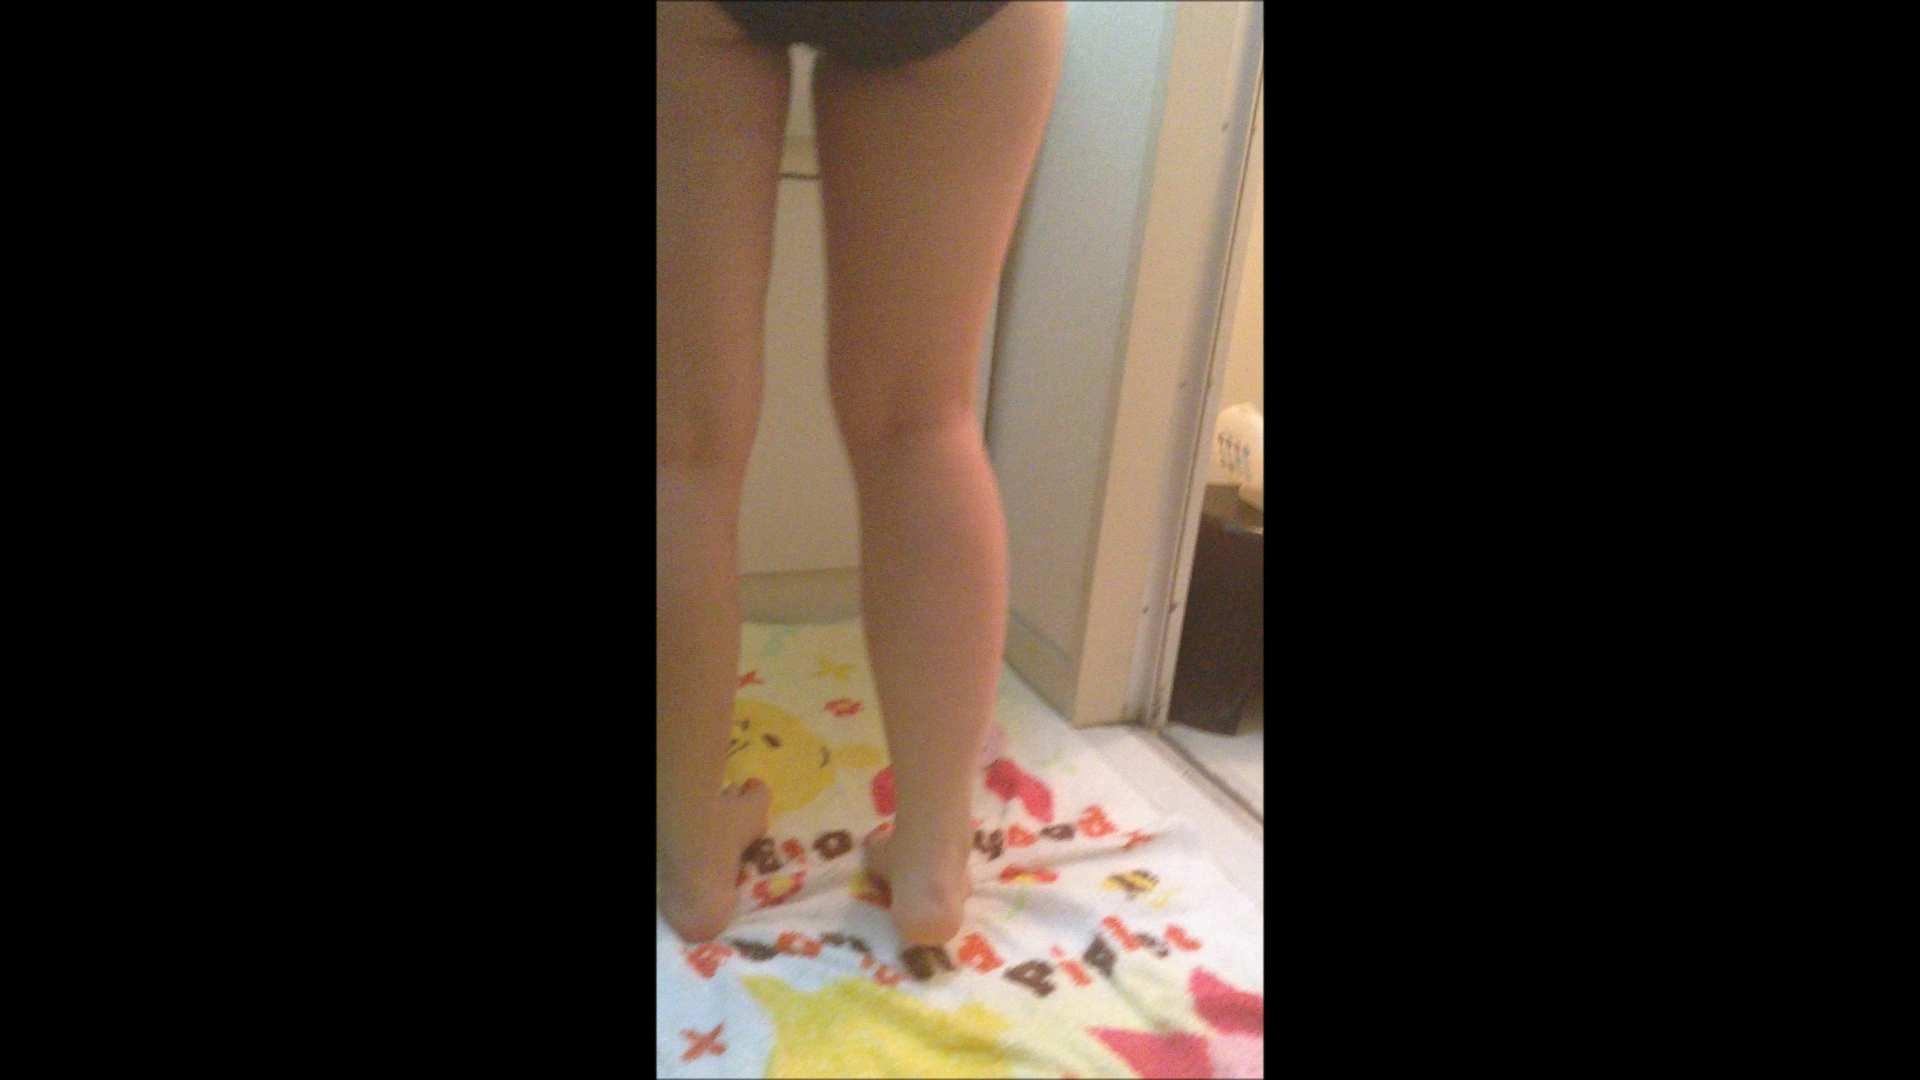 03(3日目)お風呂をイヤイヤ撮らせてくれた オマンコ大放出   覗き  100pic 64